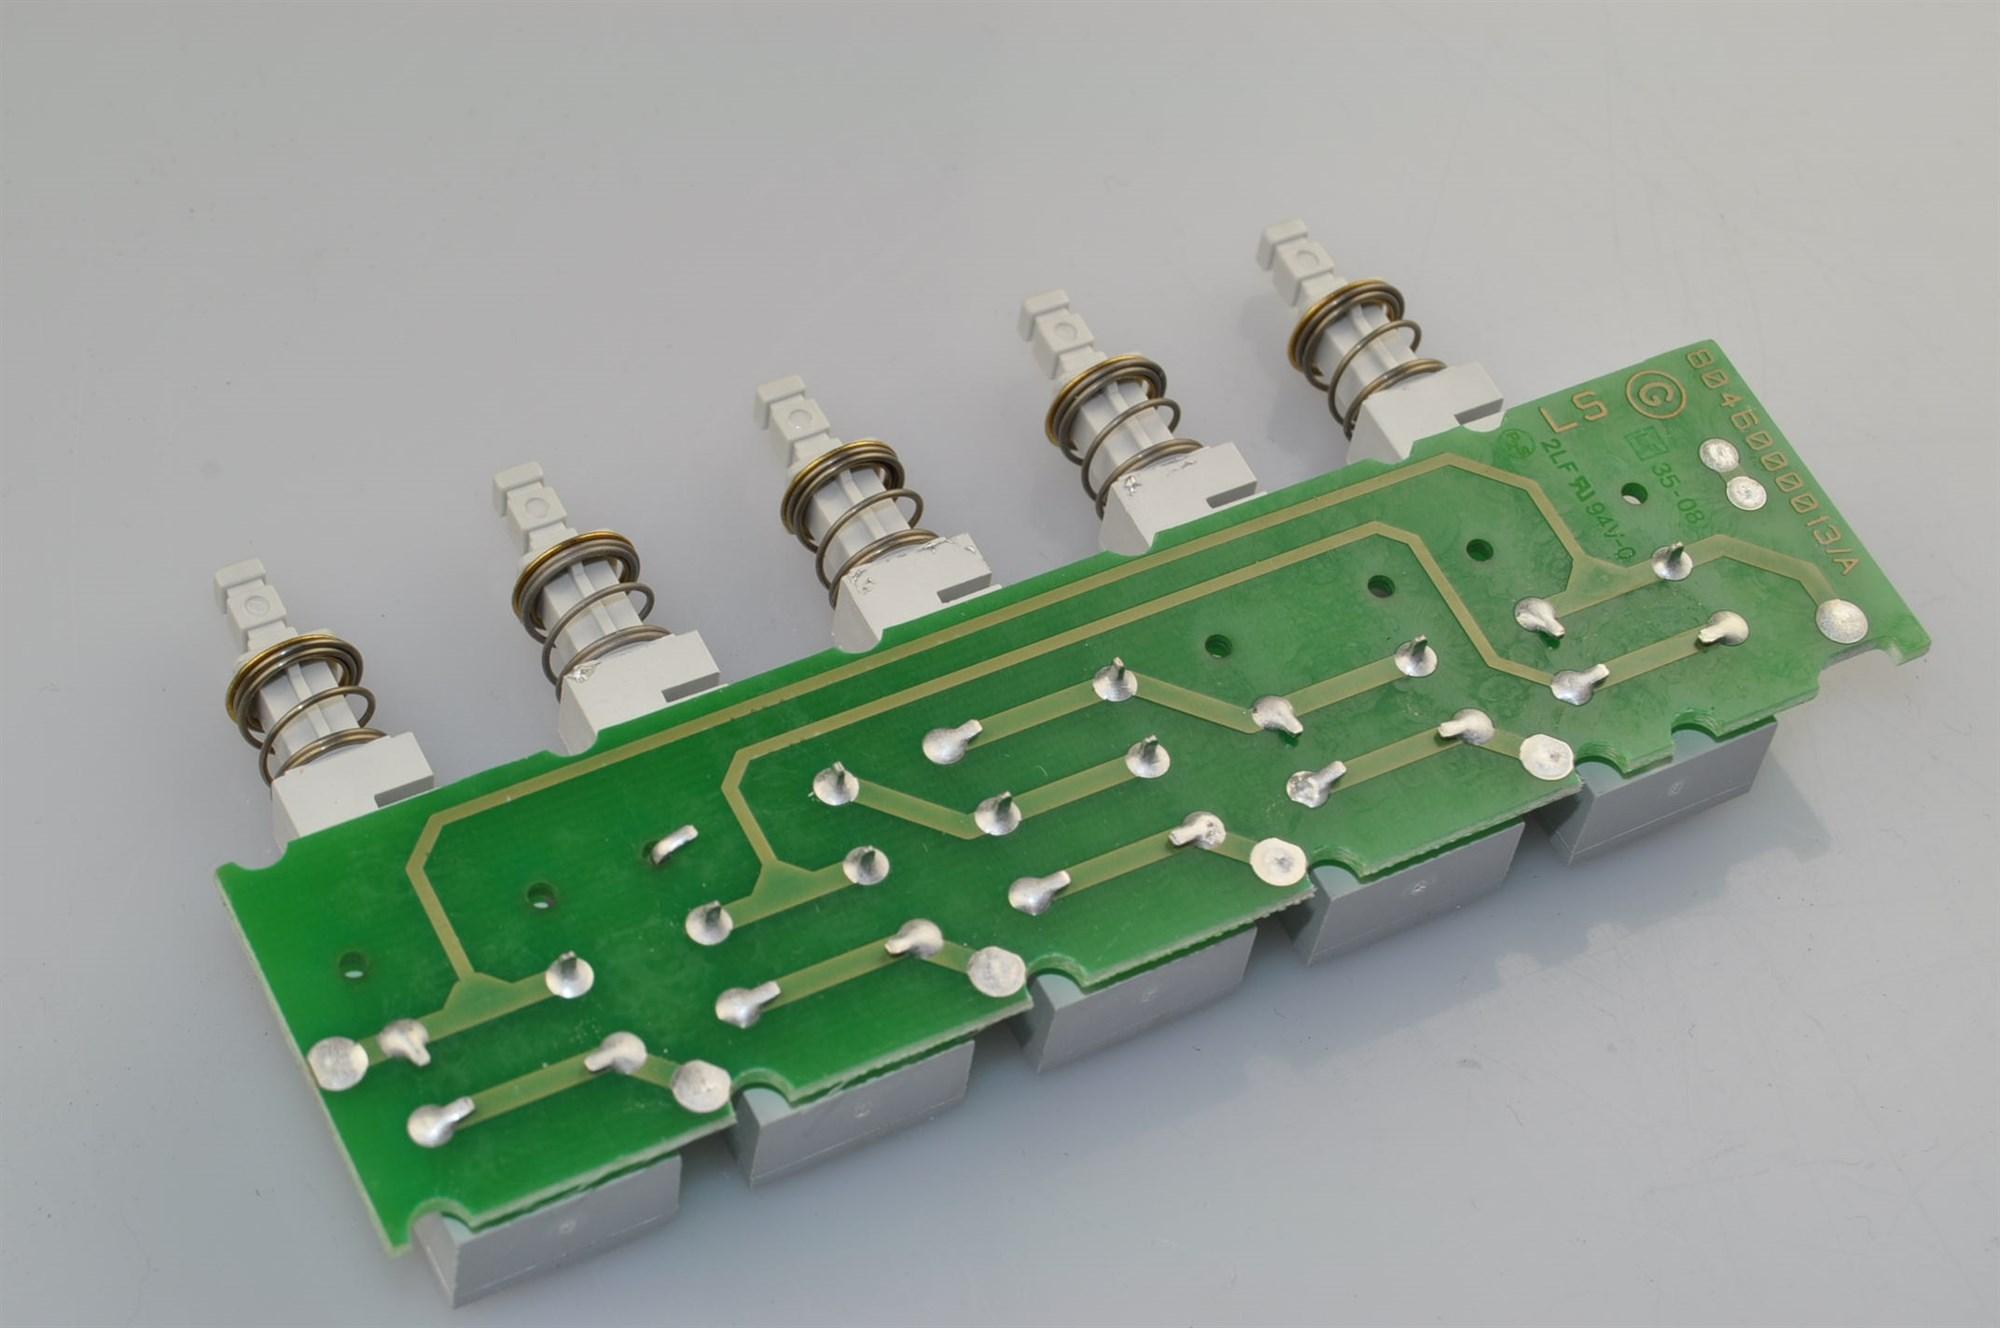 Gorenje Kühlschrank Schalter Funktion : Schalter steuerung gorenje dunstabzugshaube